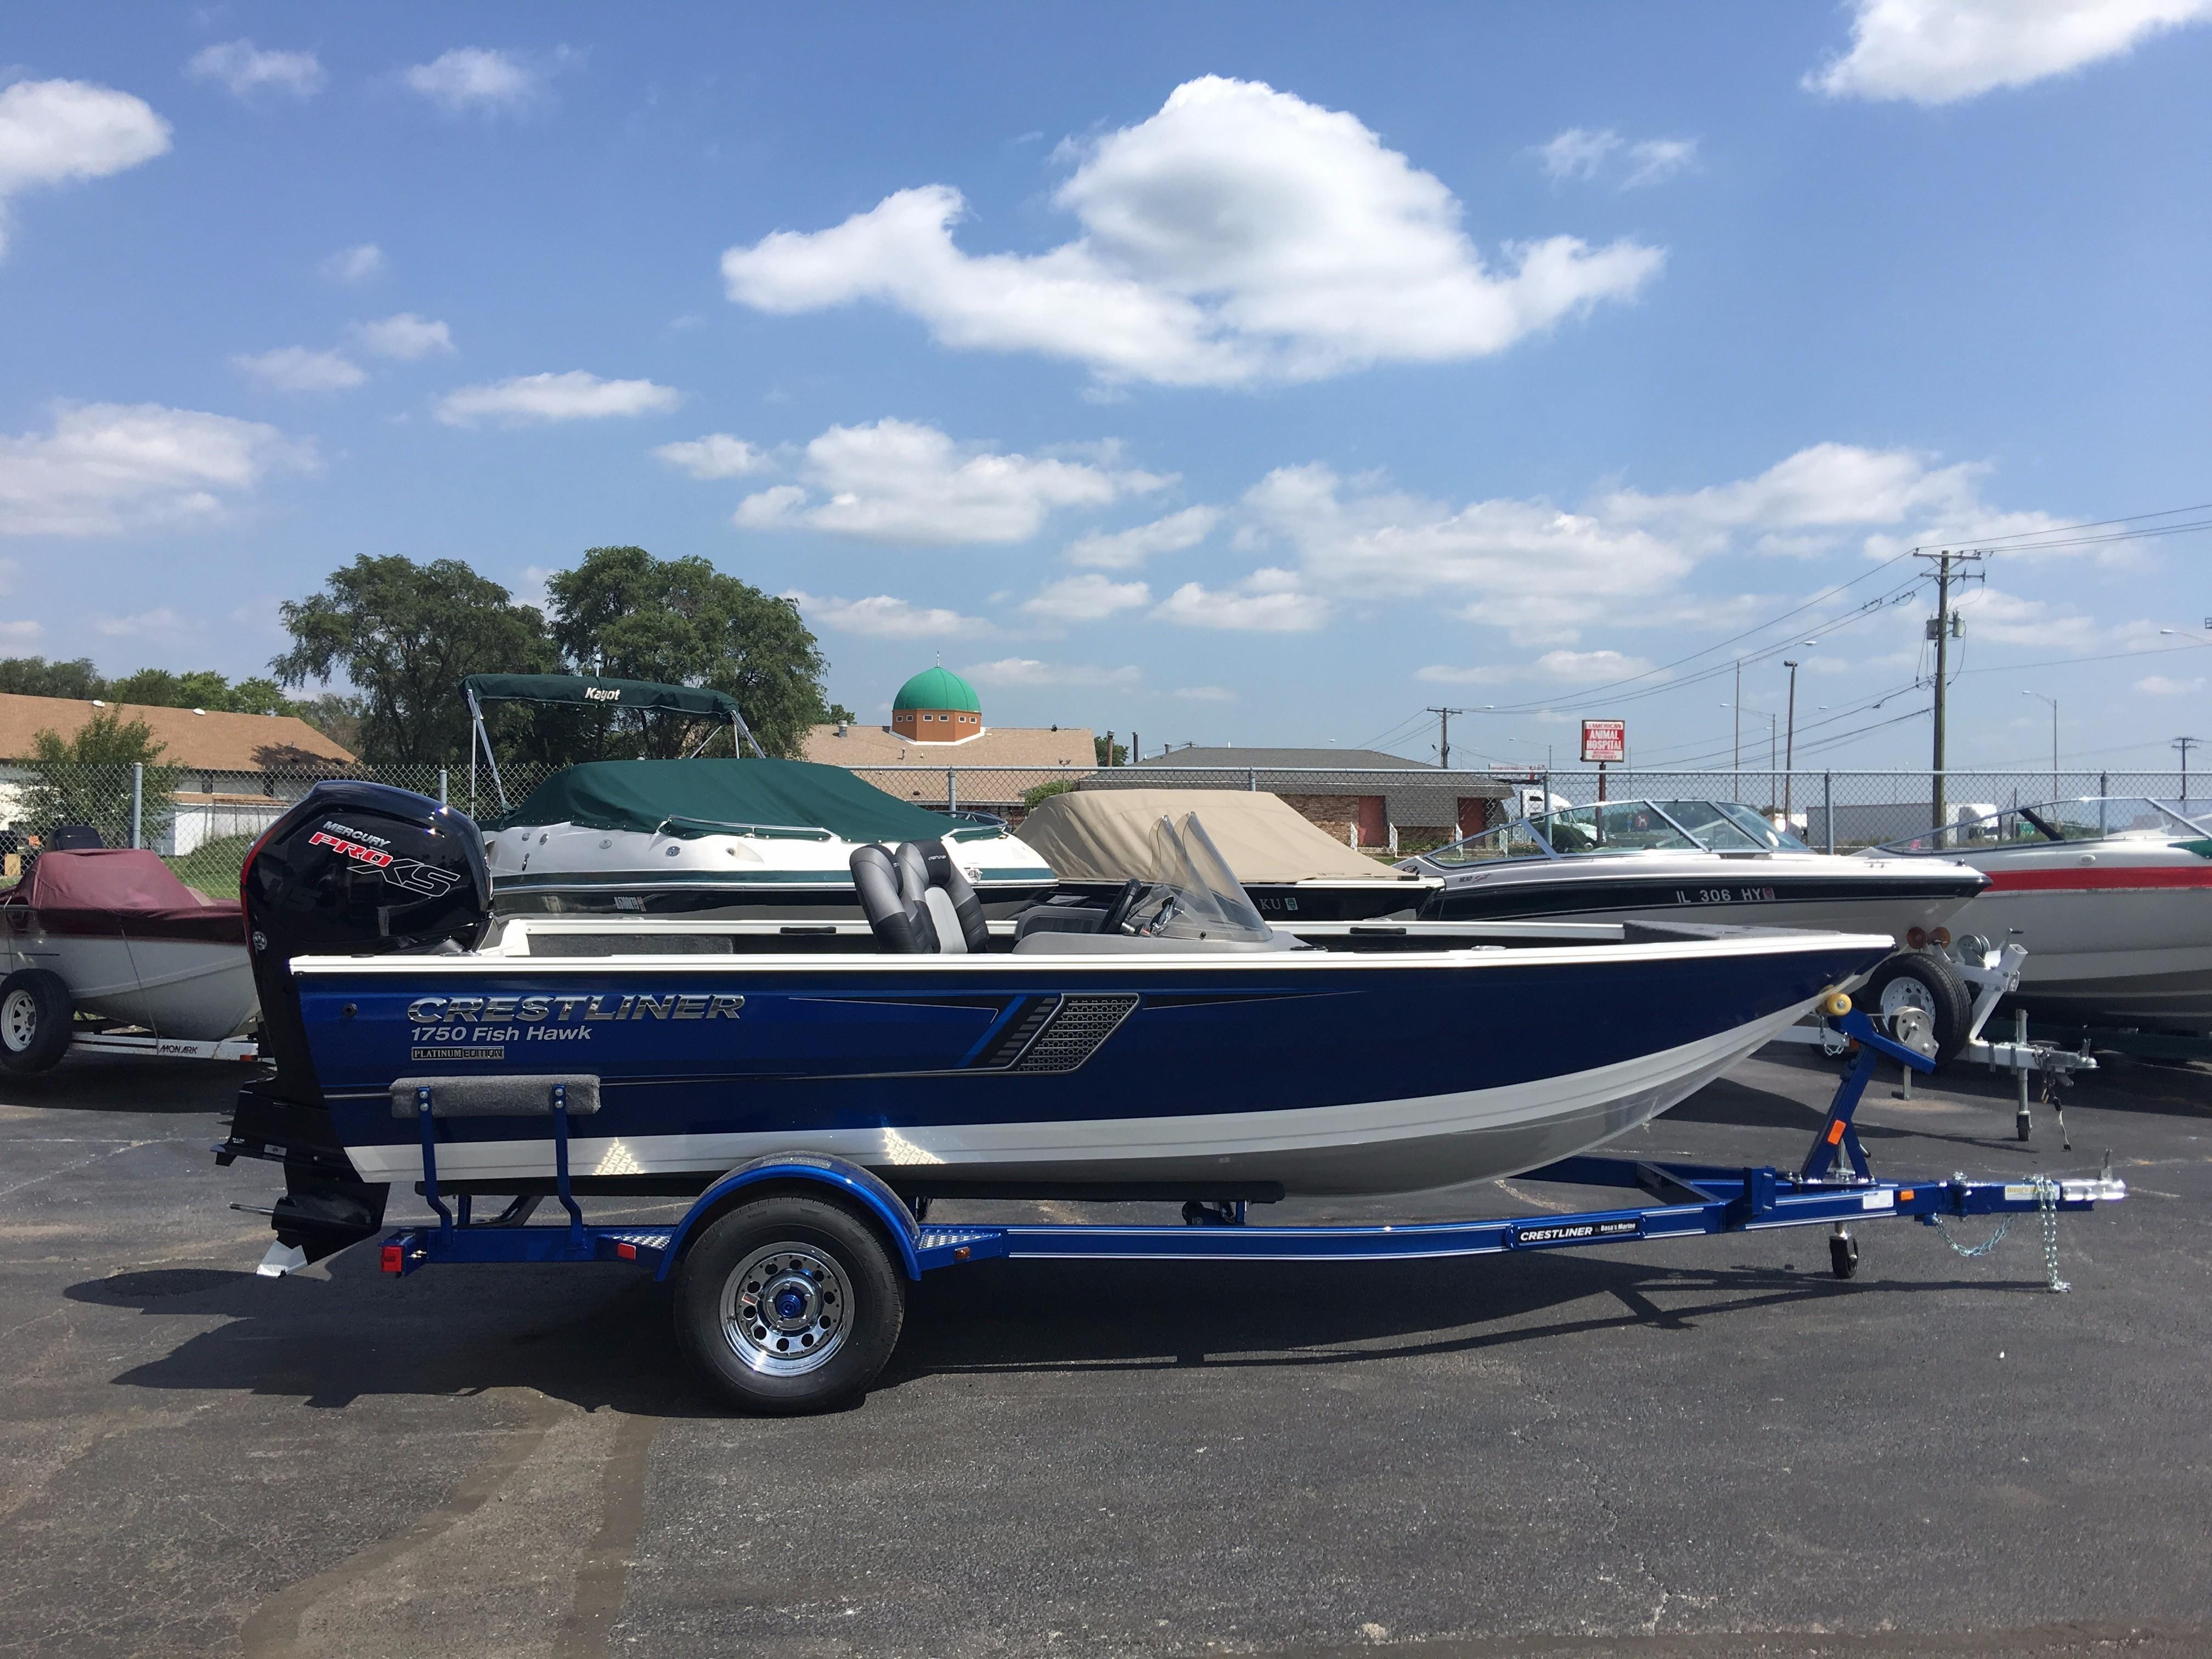 2018 crestliner 1750 fish hawk sc power boat for sale for Crestliner fish hawk